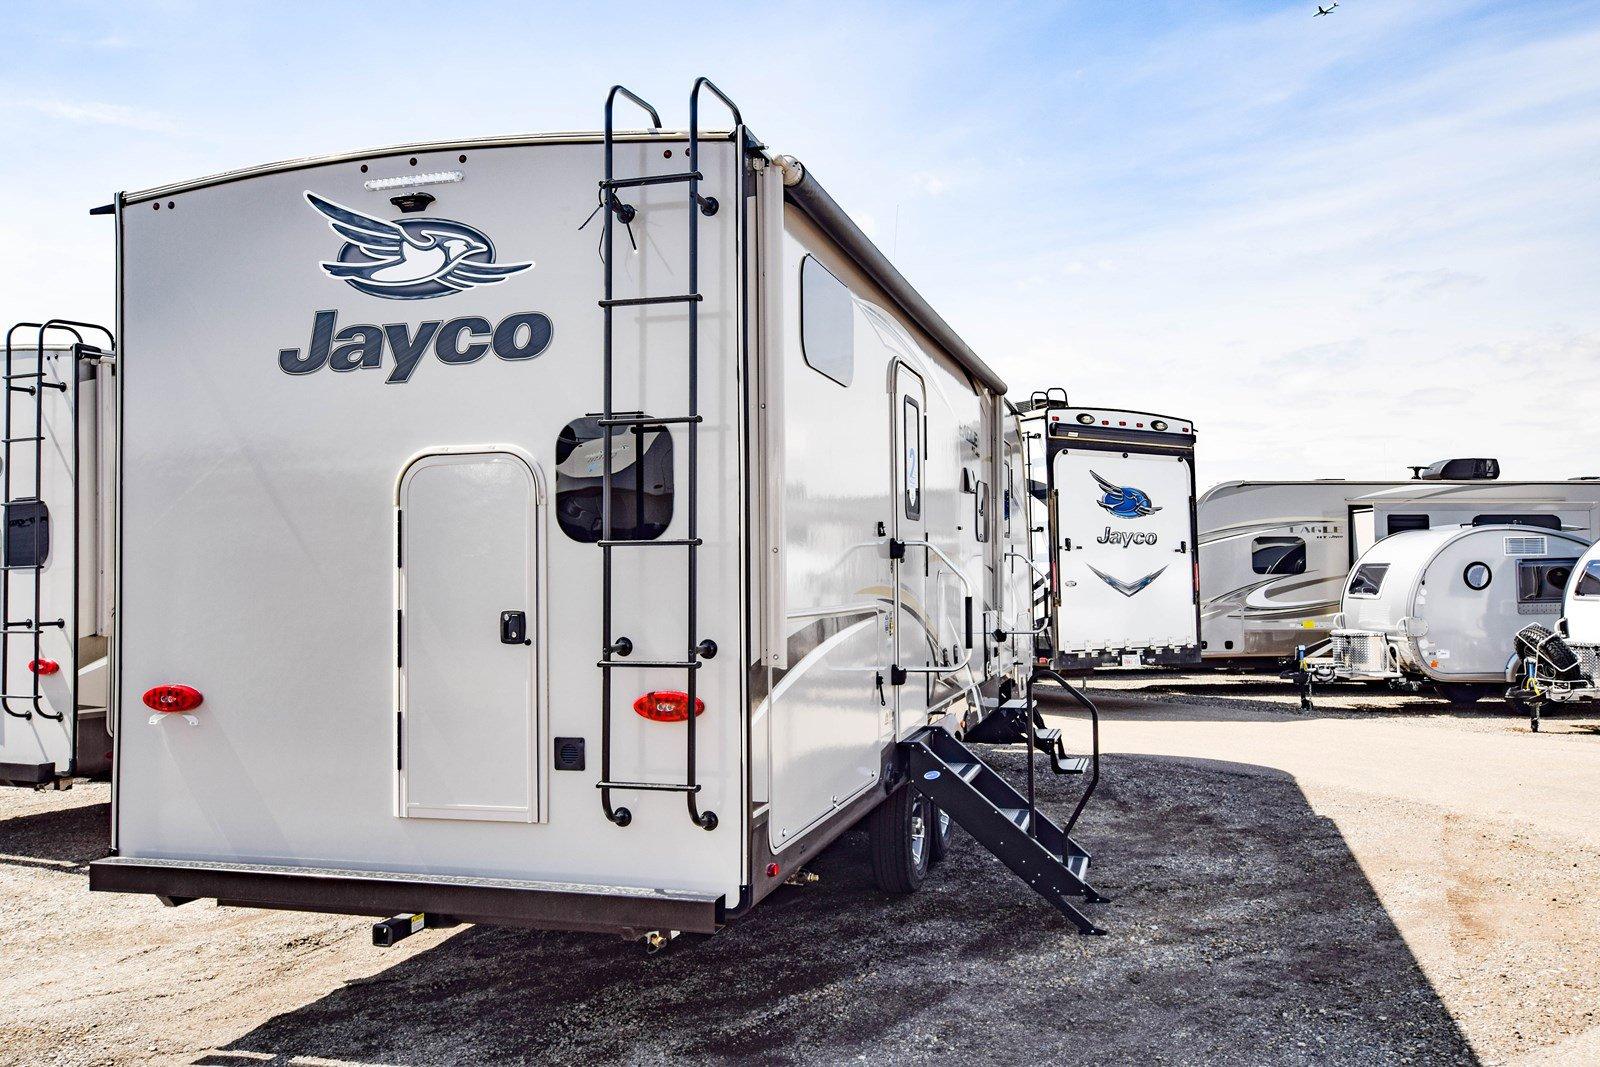 2020 Jayco Eagle Sl Ht 264 BHOK Thumbnail